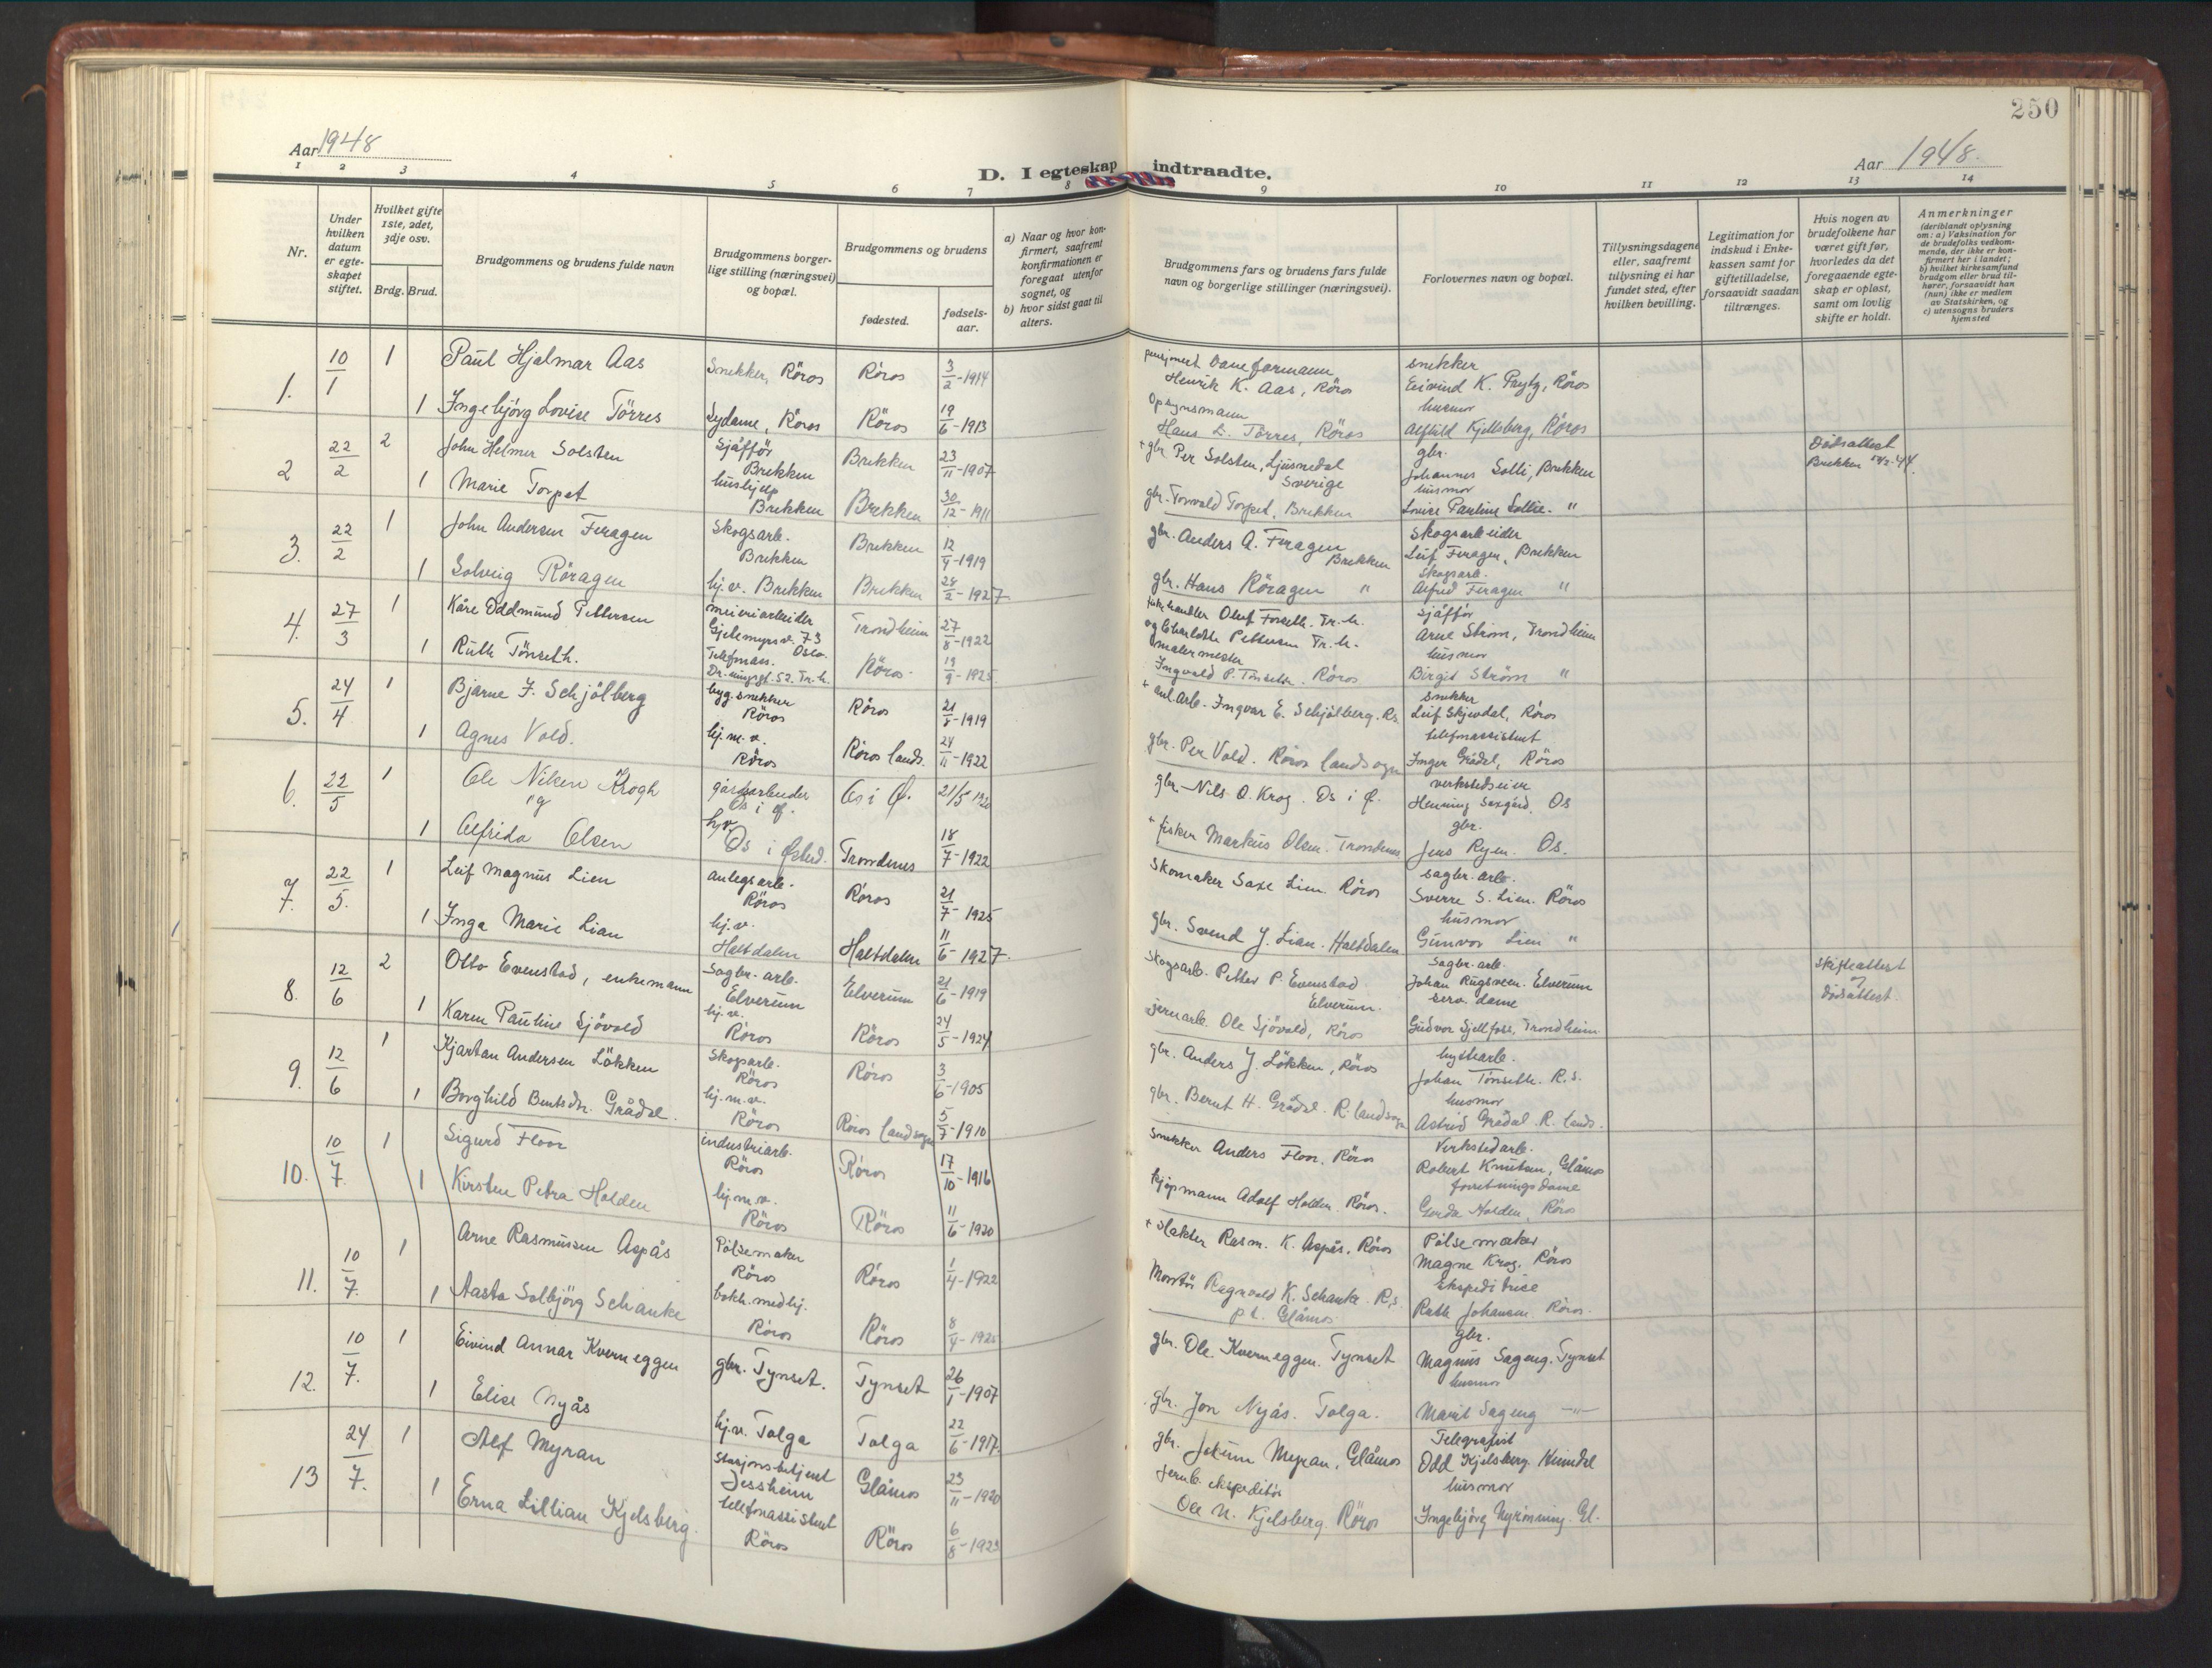 SAT, Ministerialprotokoller, klokkerbøker og fødselsregistre - Sør-Trøndelag, 681/L0943: Klokkerbok nr. 681C07, 1926-1954, s. 250